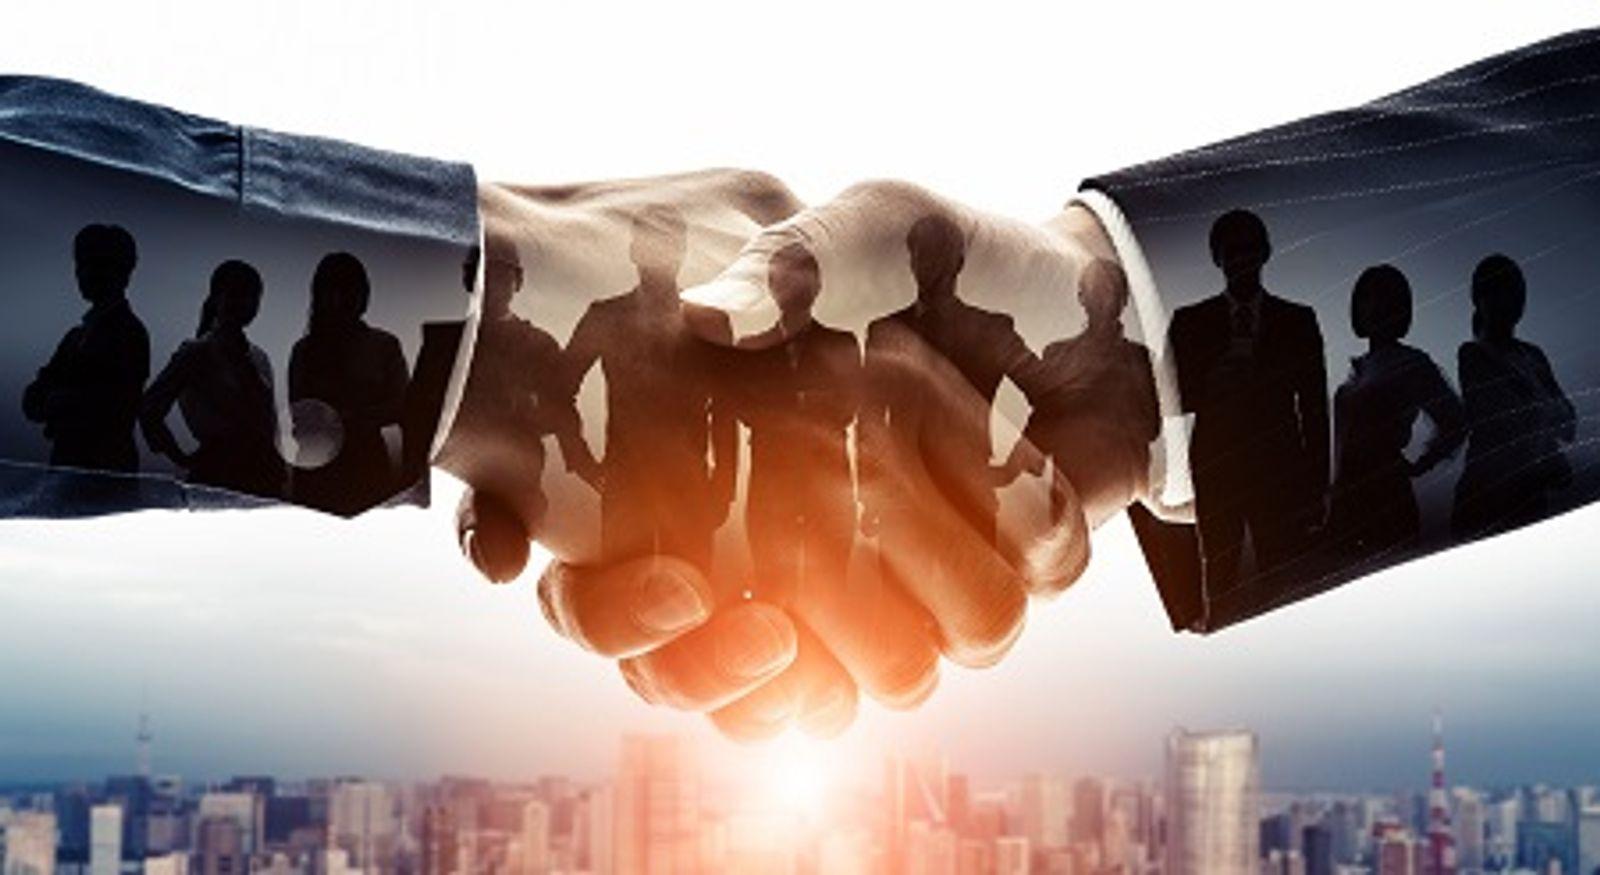 Recensement et point sur les particularités des différentes catégories de contractuels et de contrats après la réforme de la loi sur la transformation de la fonction publique (LTFP)